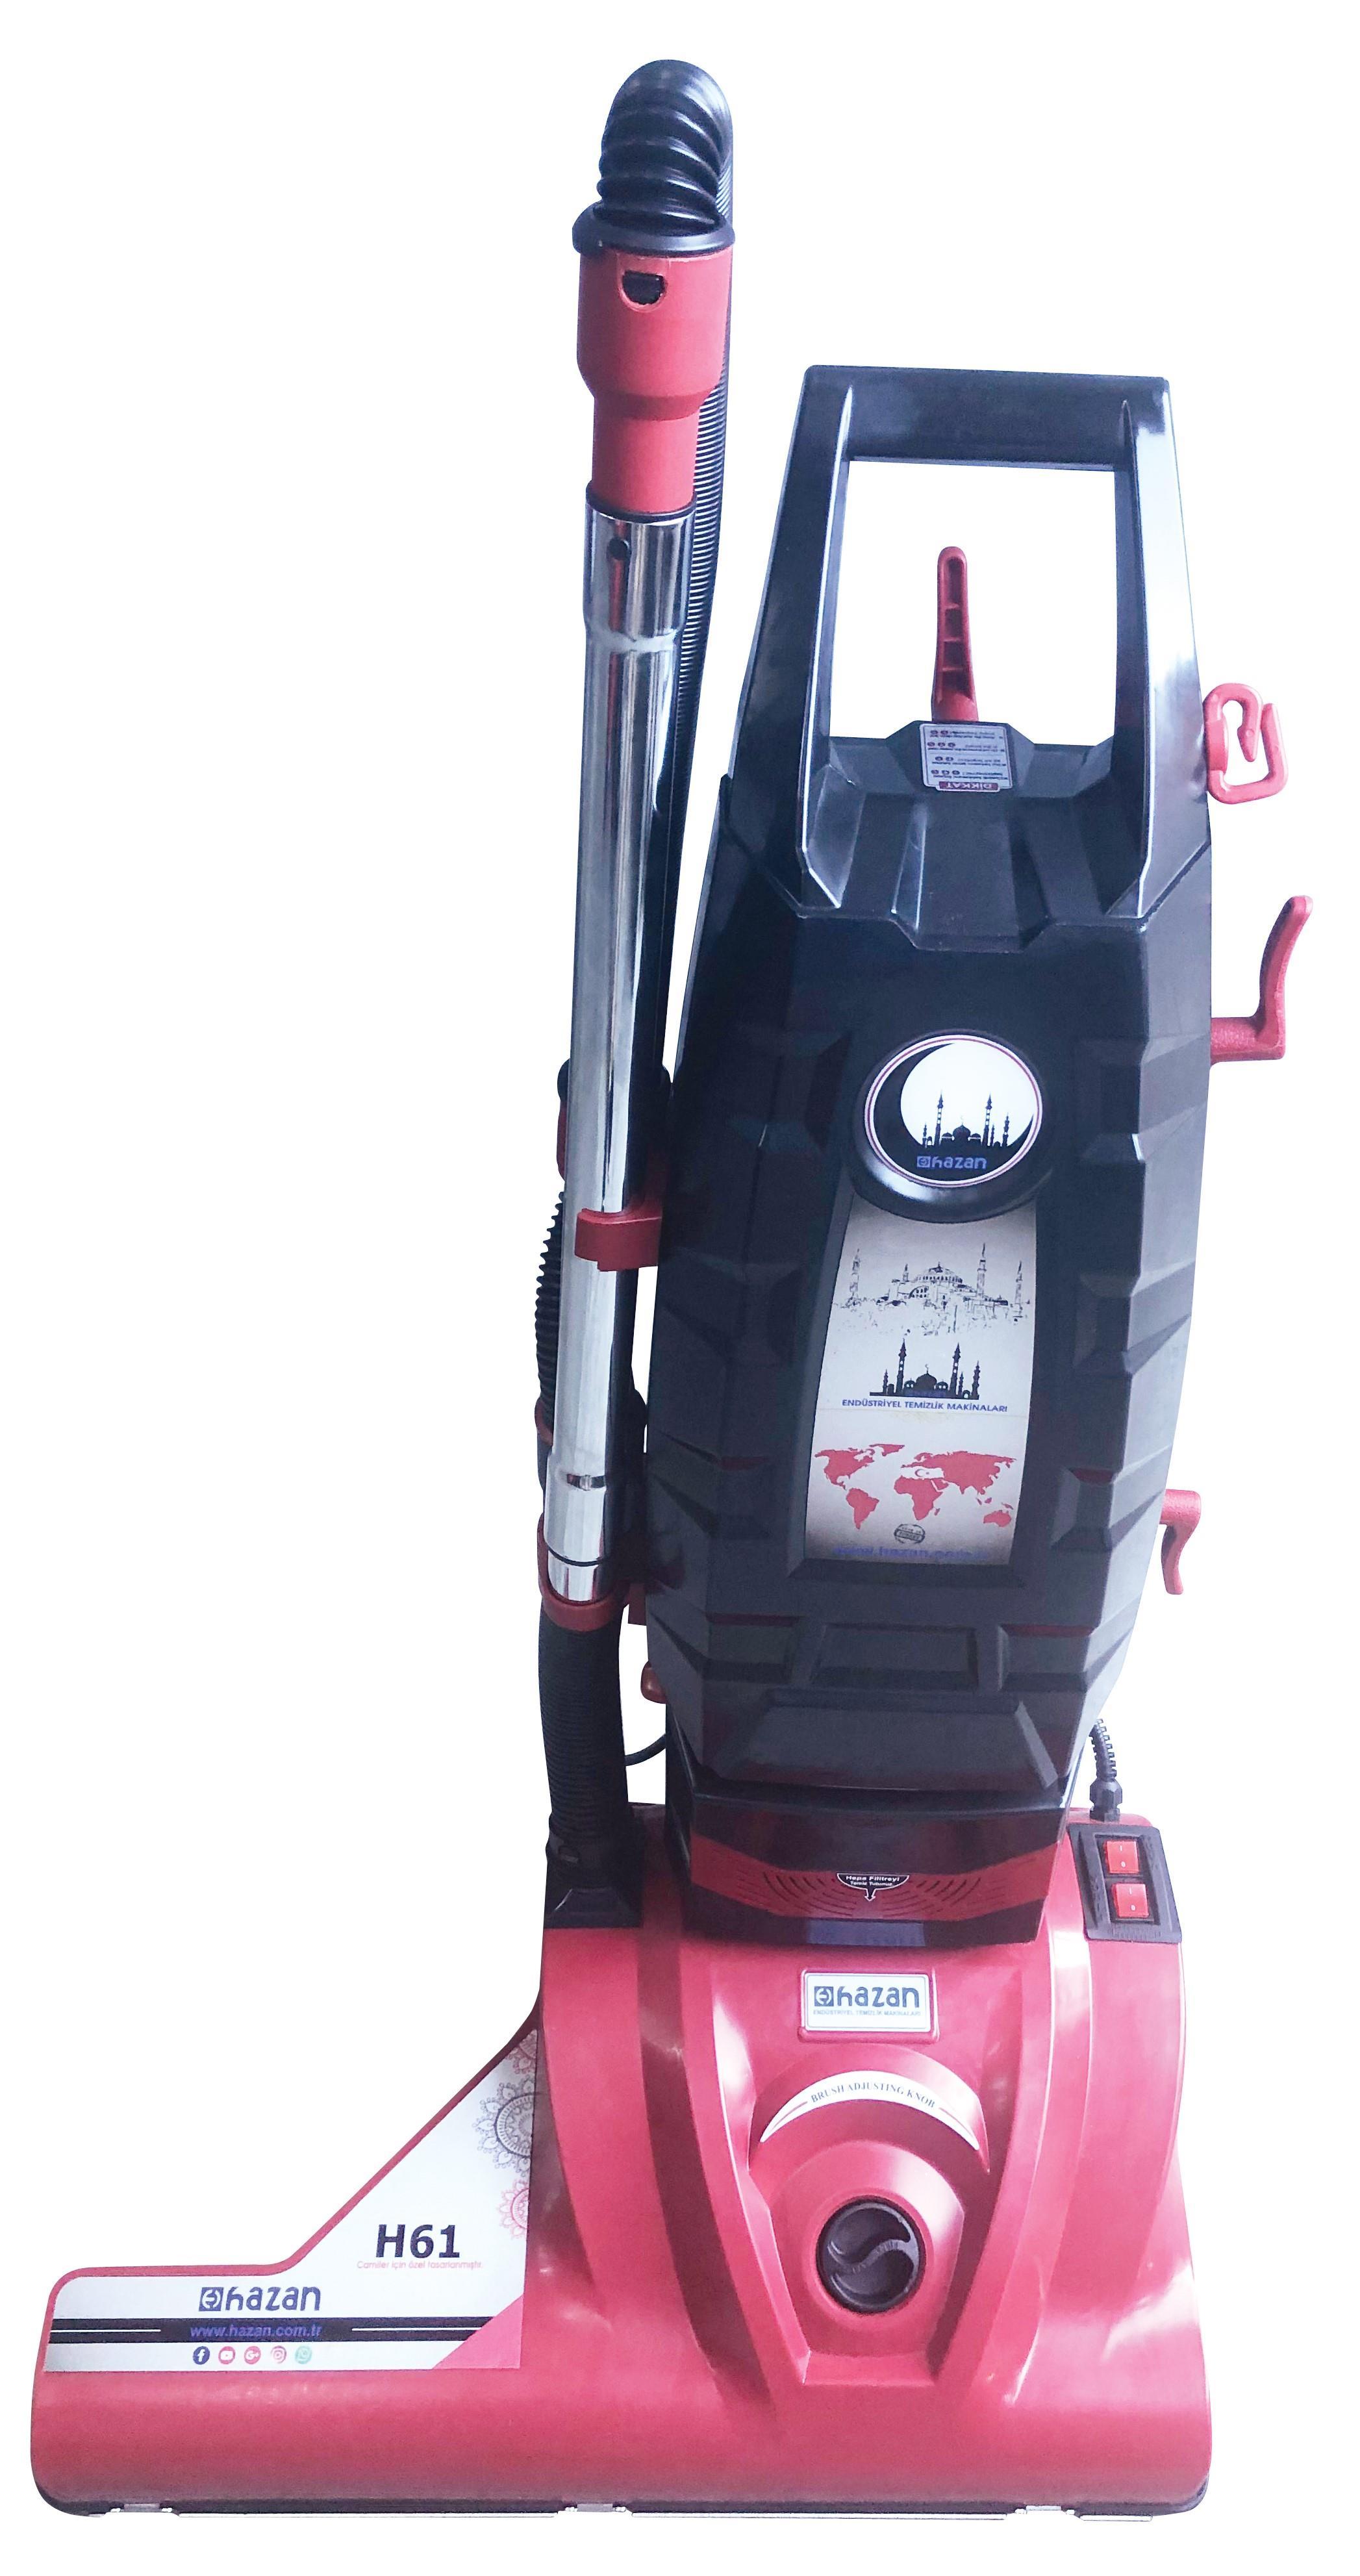 H61 Fırçalı Tip Elektrikli Süpürge